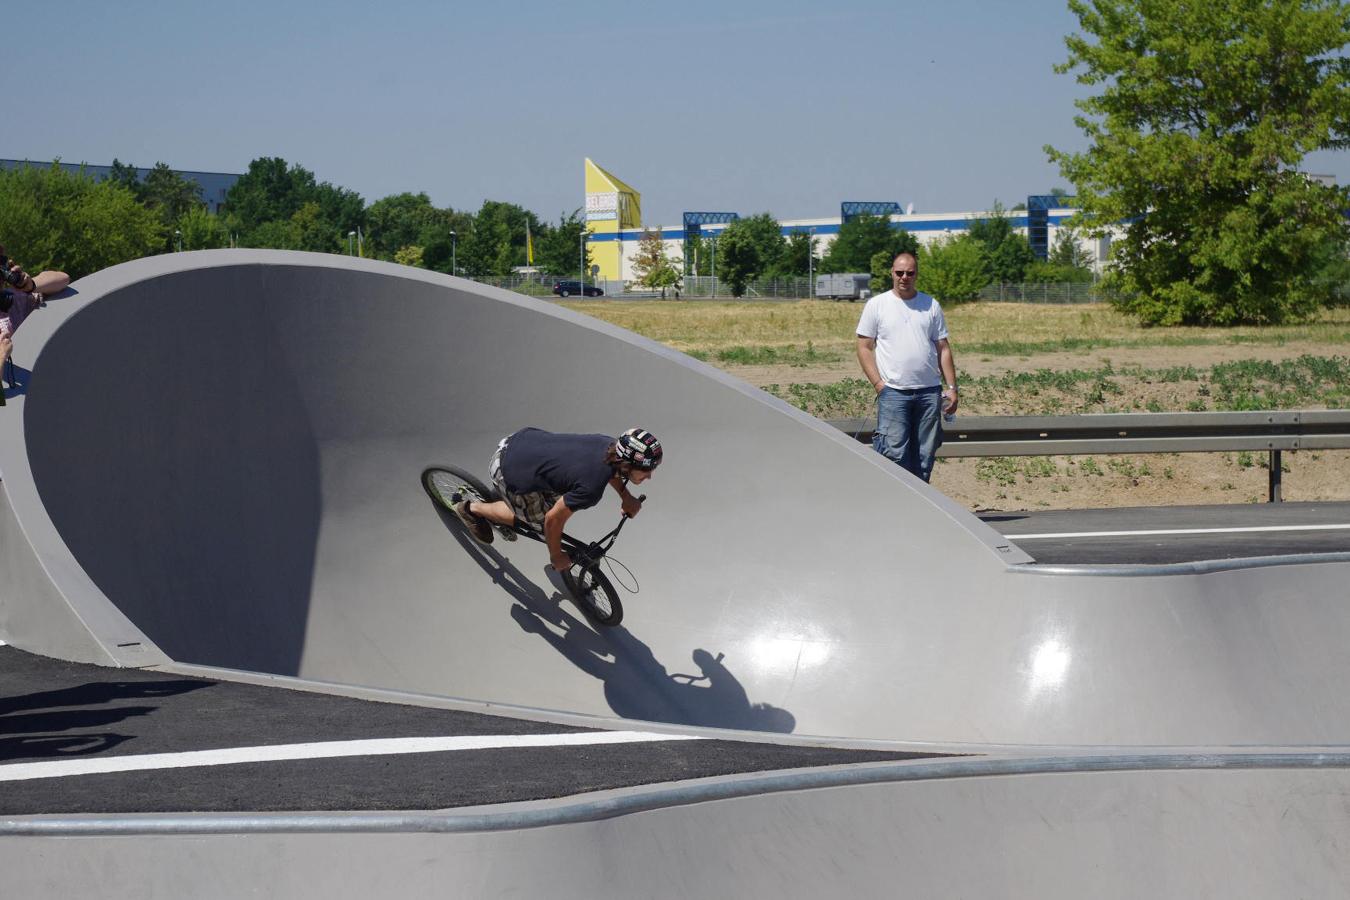 Stahnsdorf Skatepark6 a8